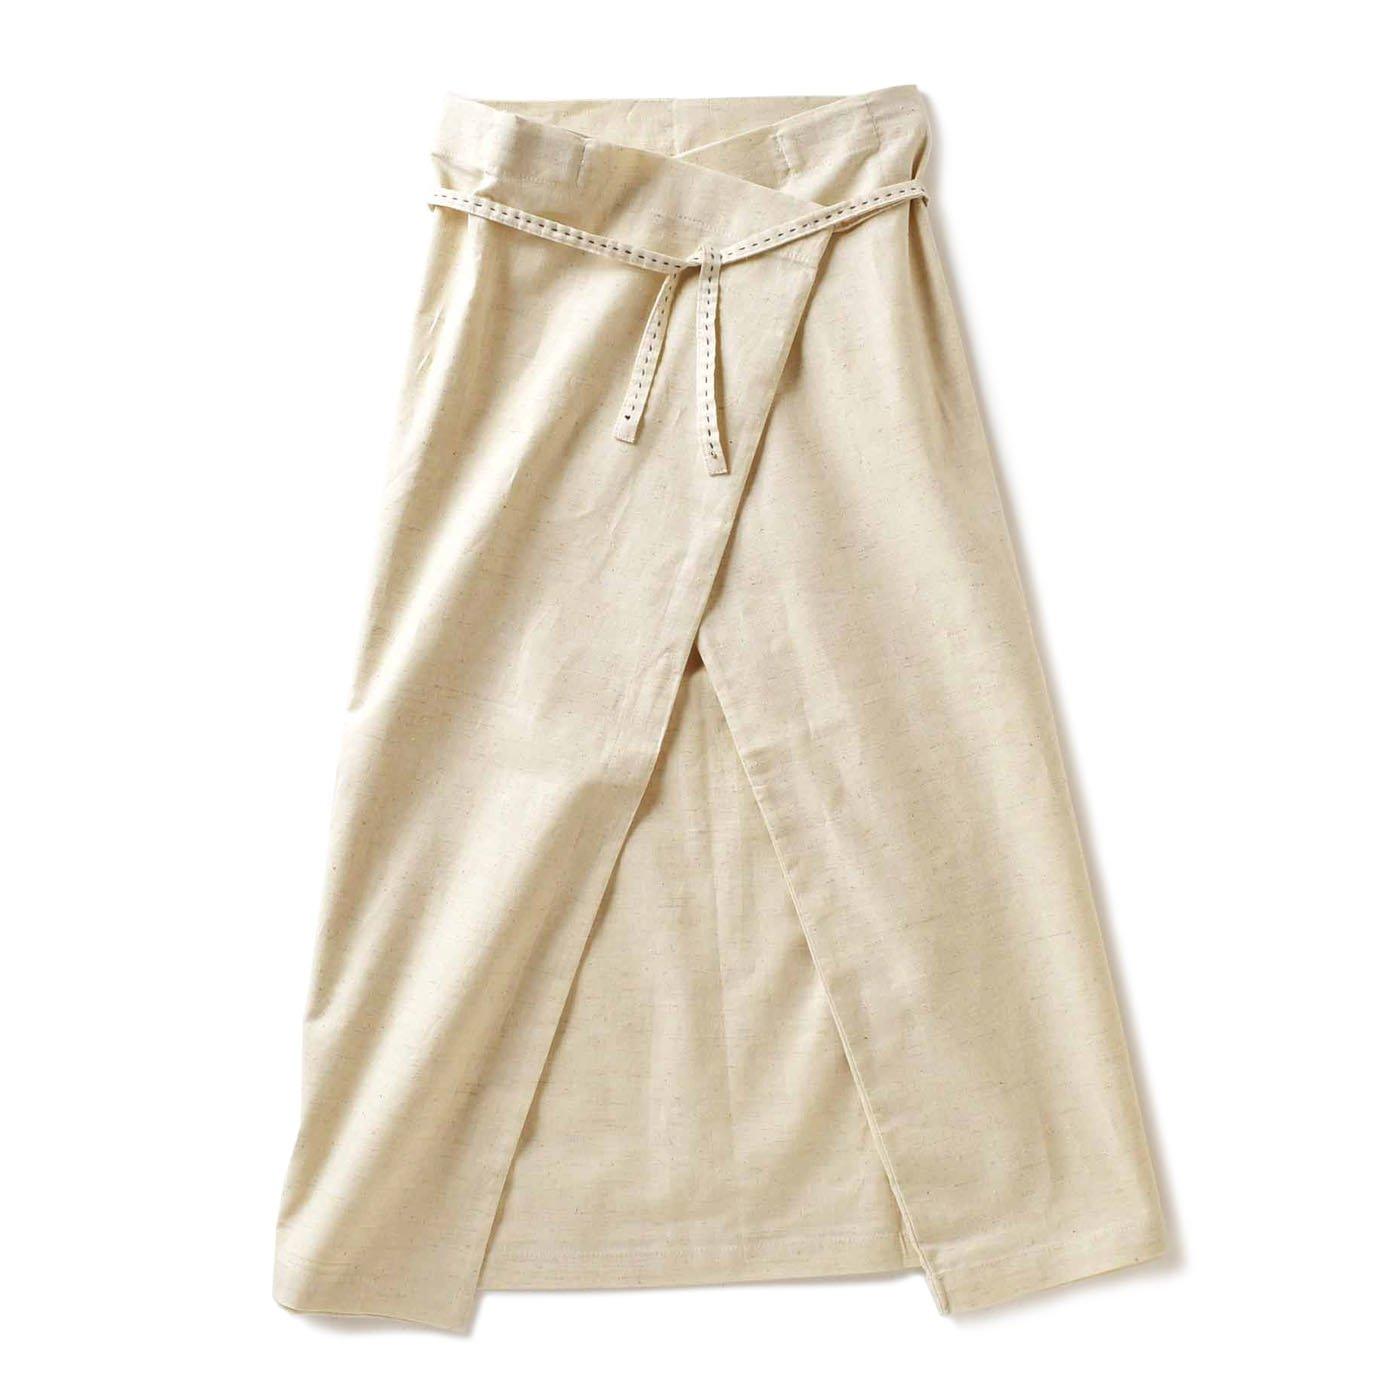 チャレンジド・クリエイティブ・プロジェクト ハンドステッチがやさしい 自在に着られる リネン混ラップスカート〈ホワイト〉